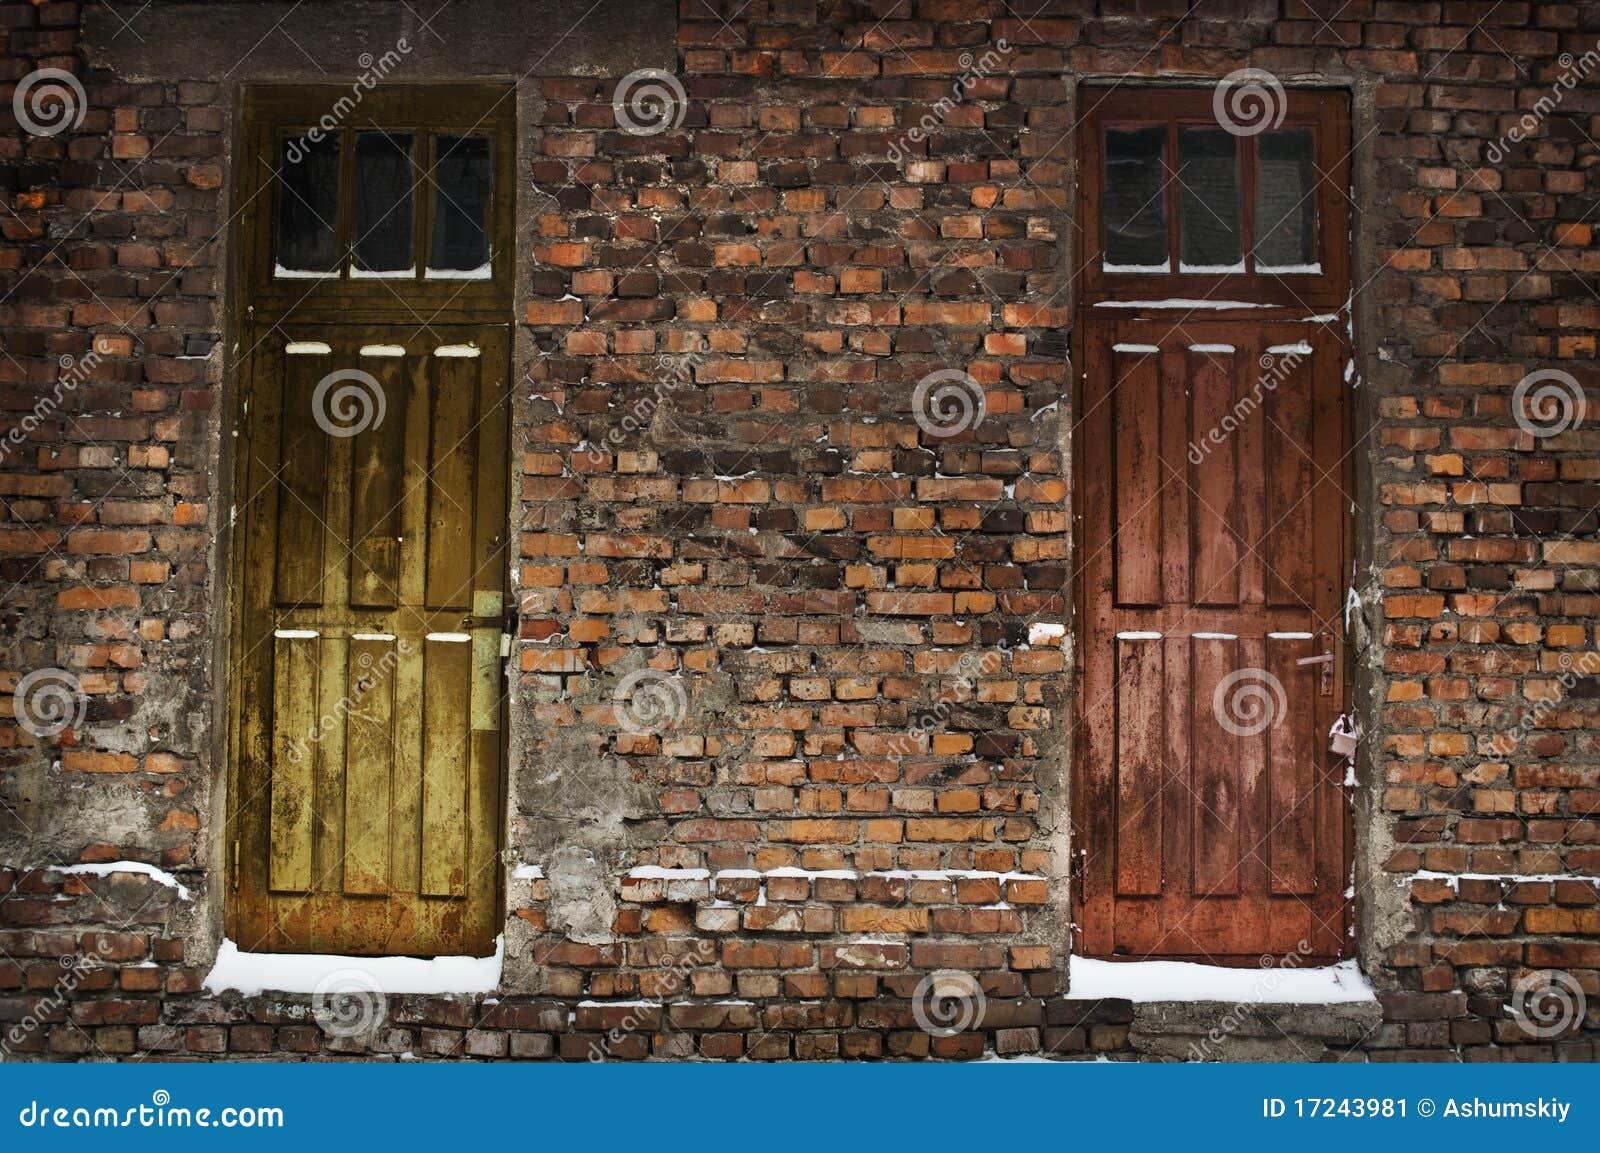 Dos puertas de madera viejas en pared de ladrillo imagen - Puertas viejas de madera ...